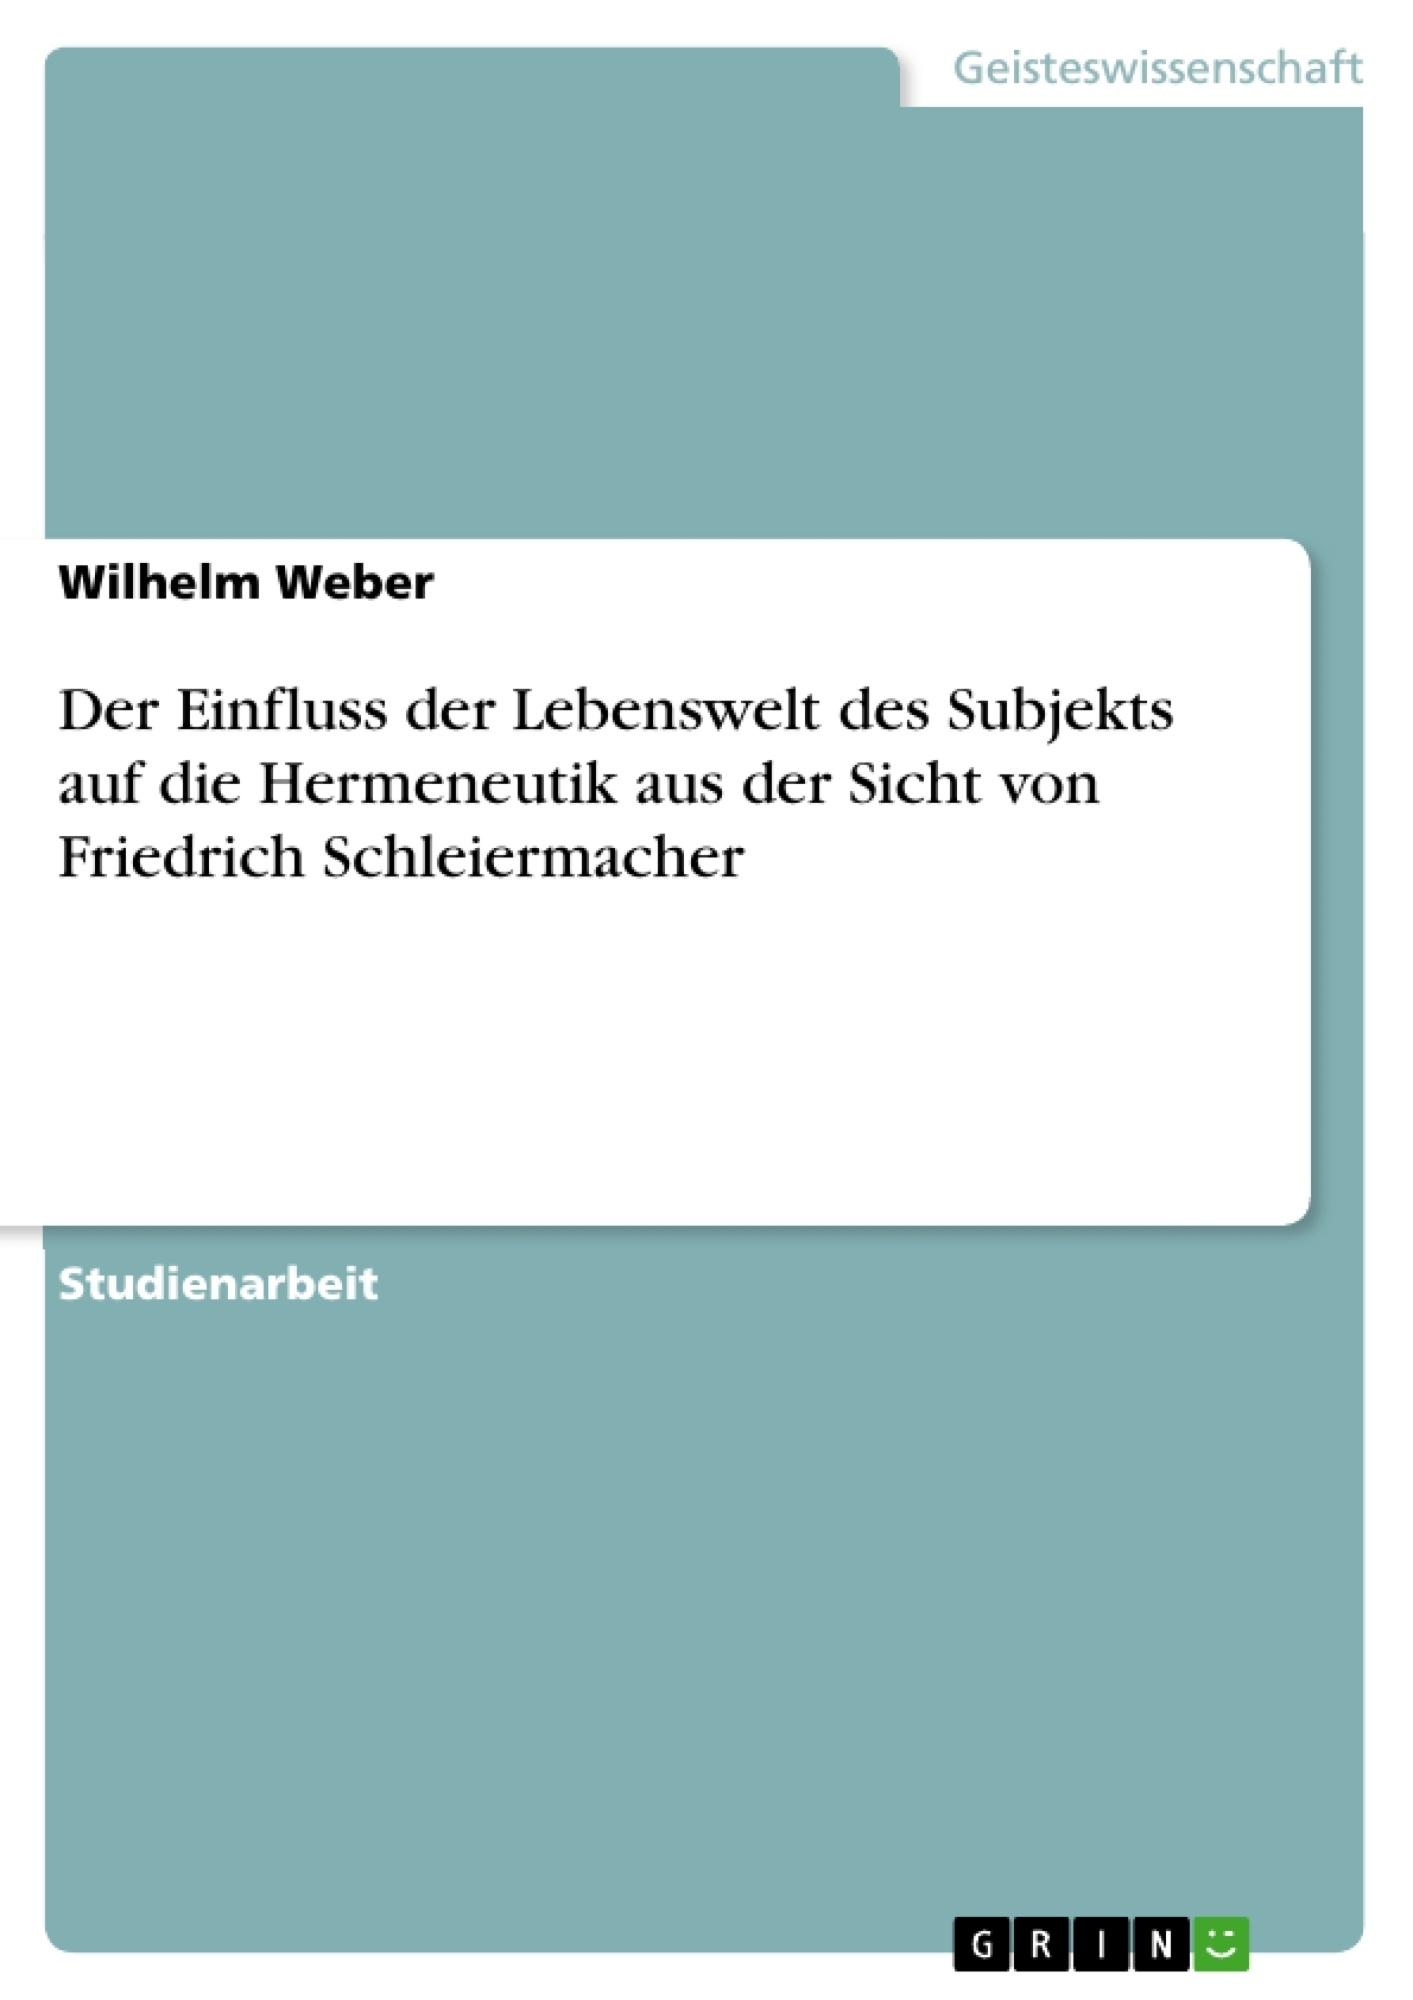 Titel: Der Einfluss der Lebenswelt des Subjekts auf die Hermeneutik aus der Sicht von Friedrich Schleiermacher